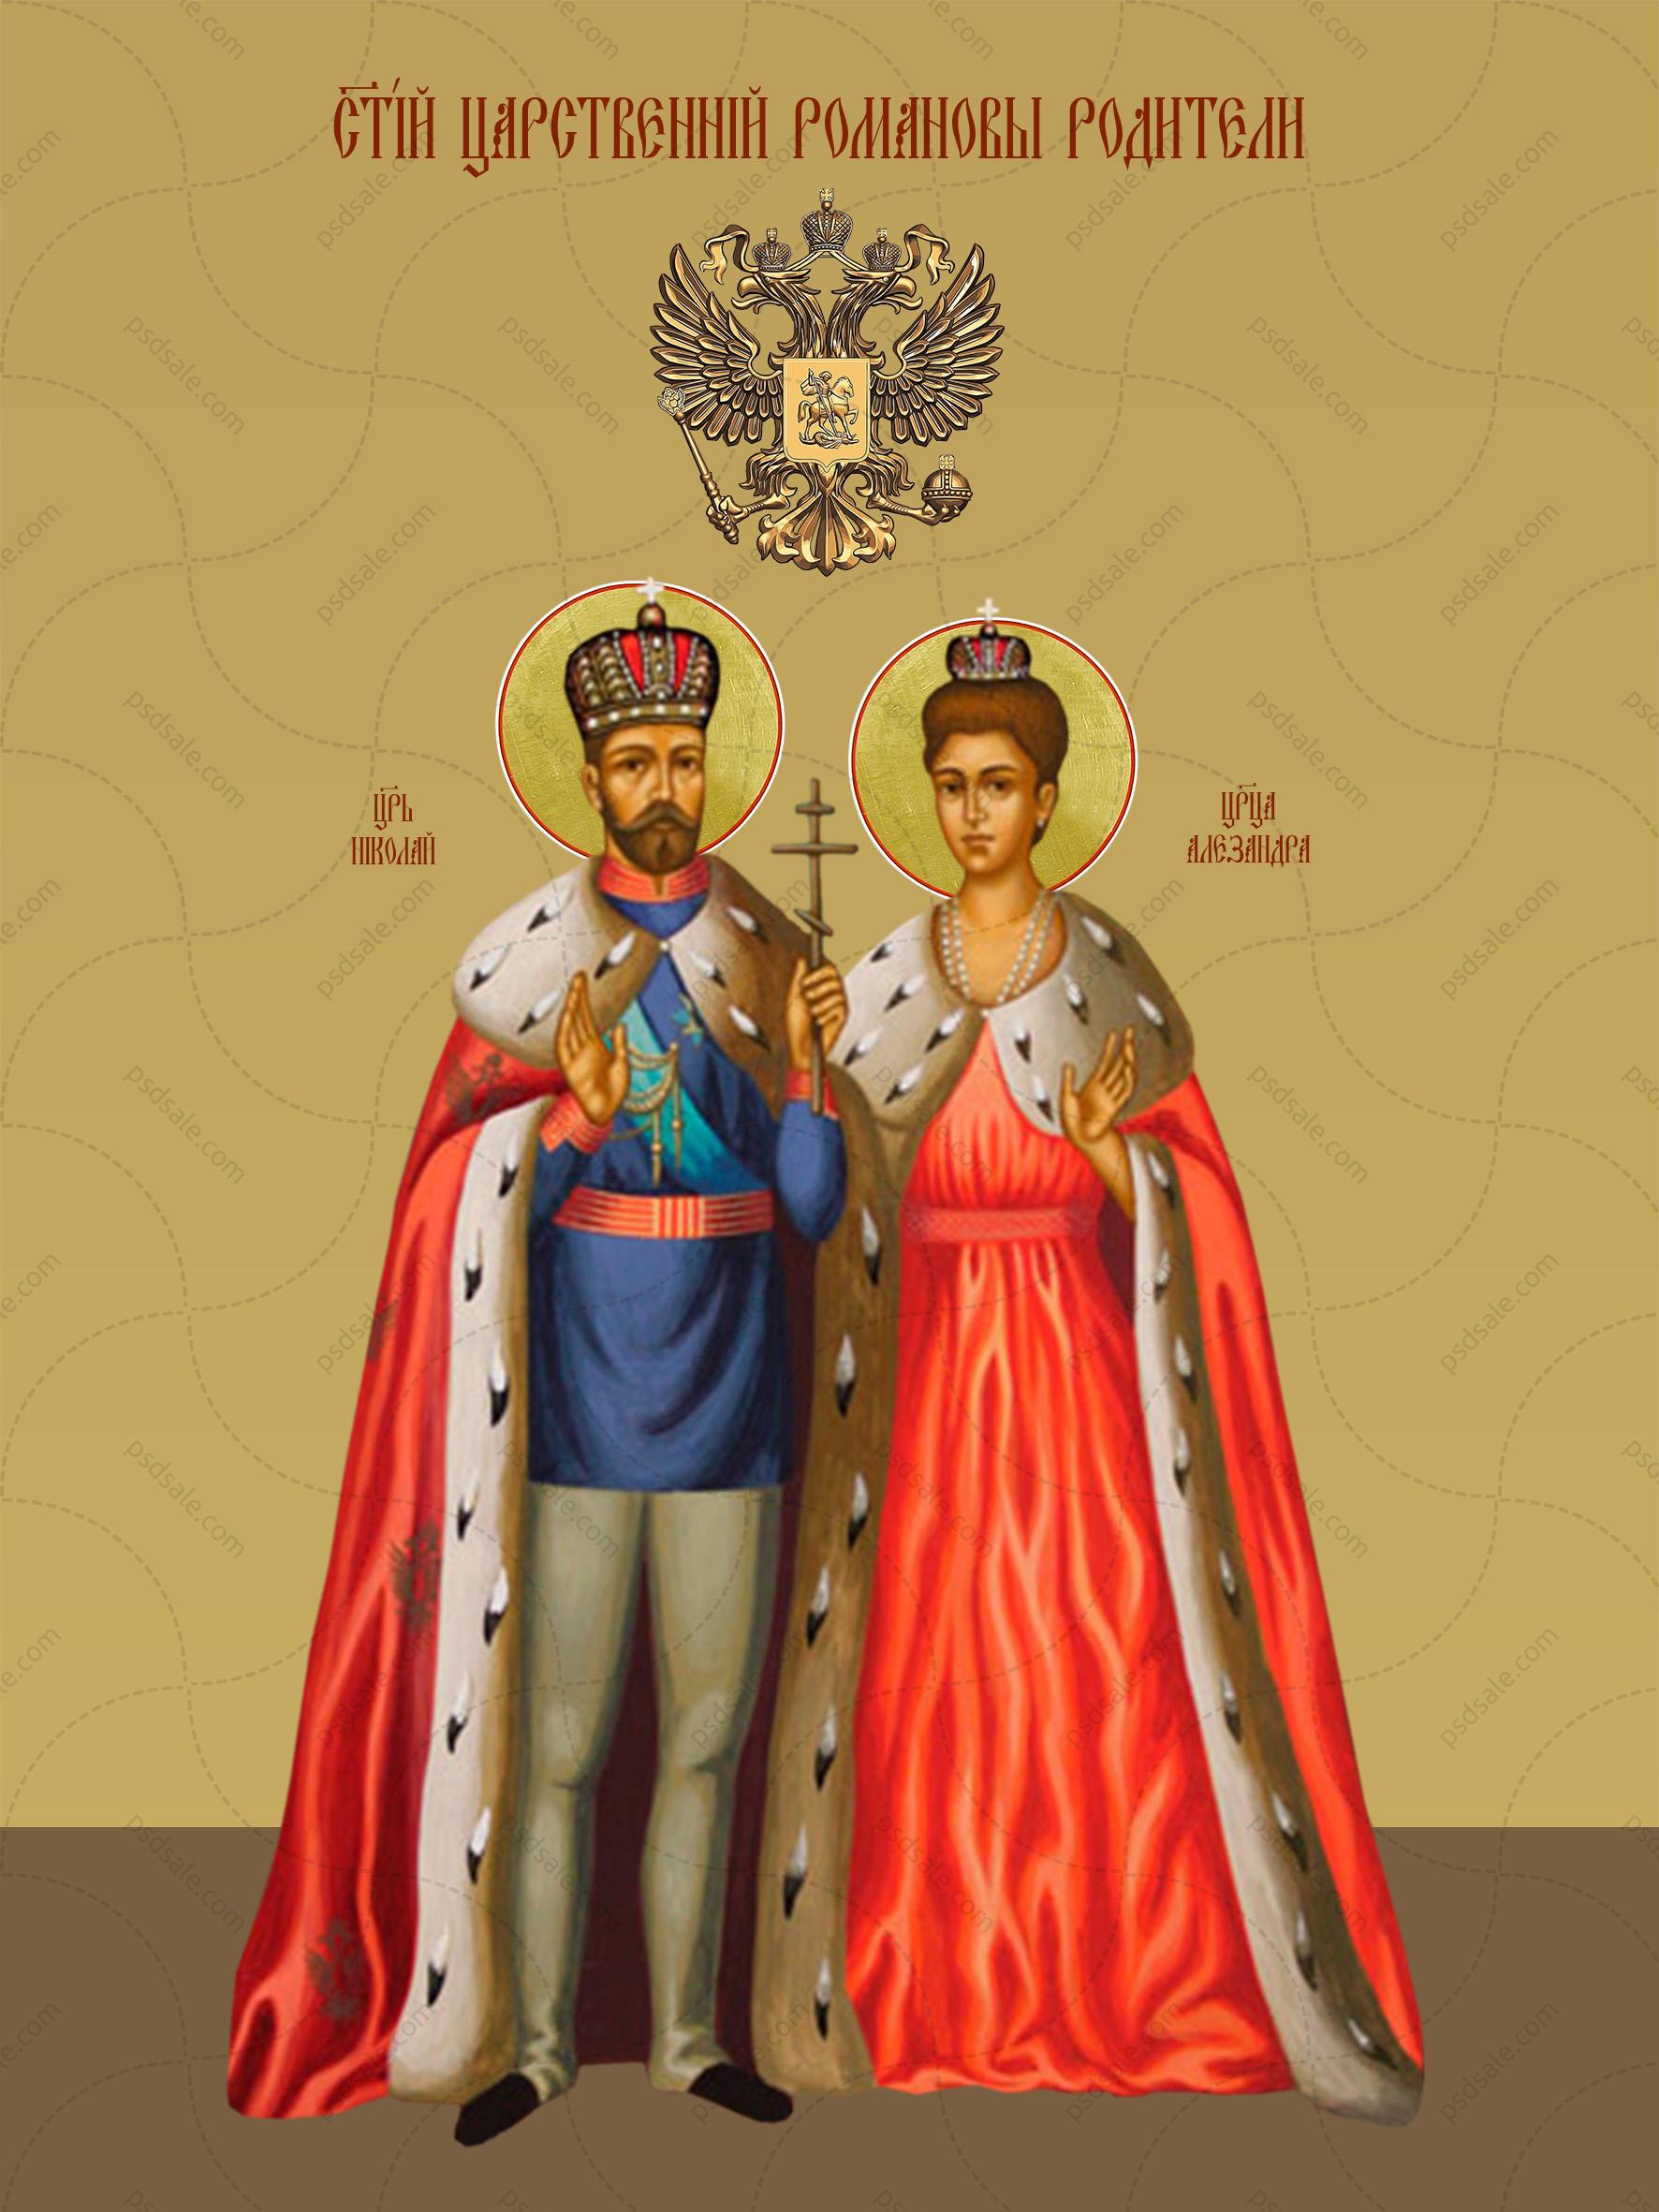 Родители Романовы, царские мученники